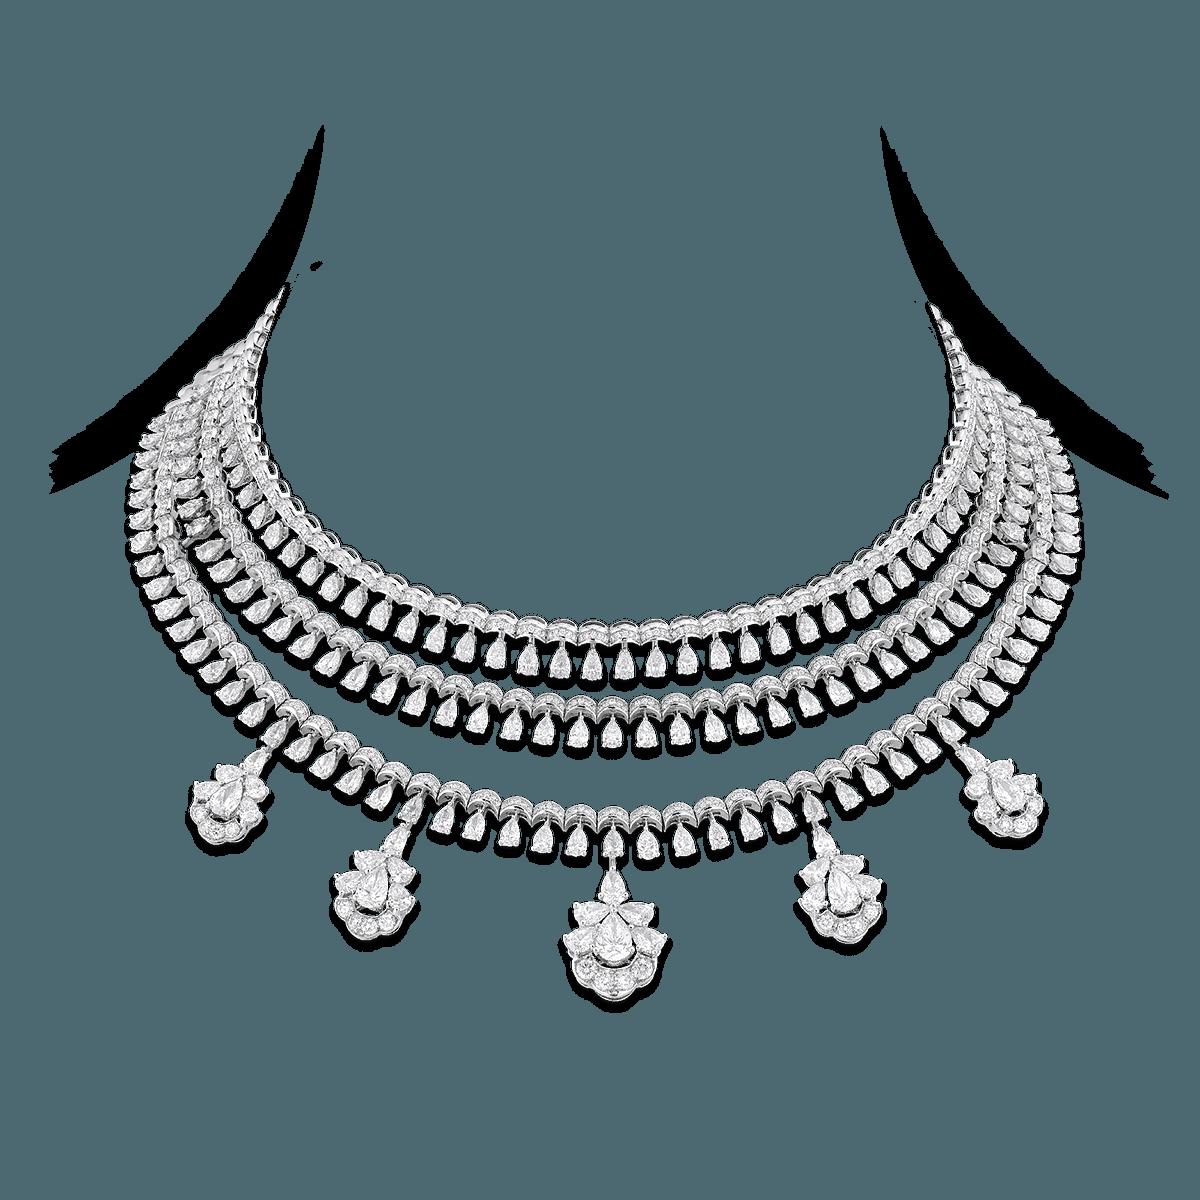 Sartoro Gaia Bloom Necklace